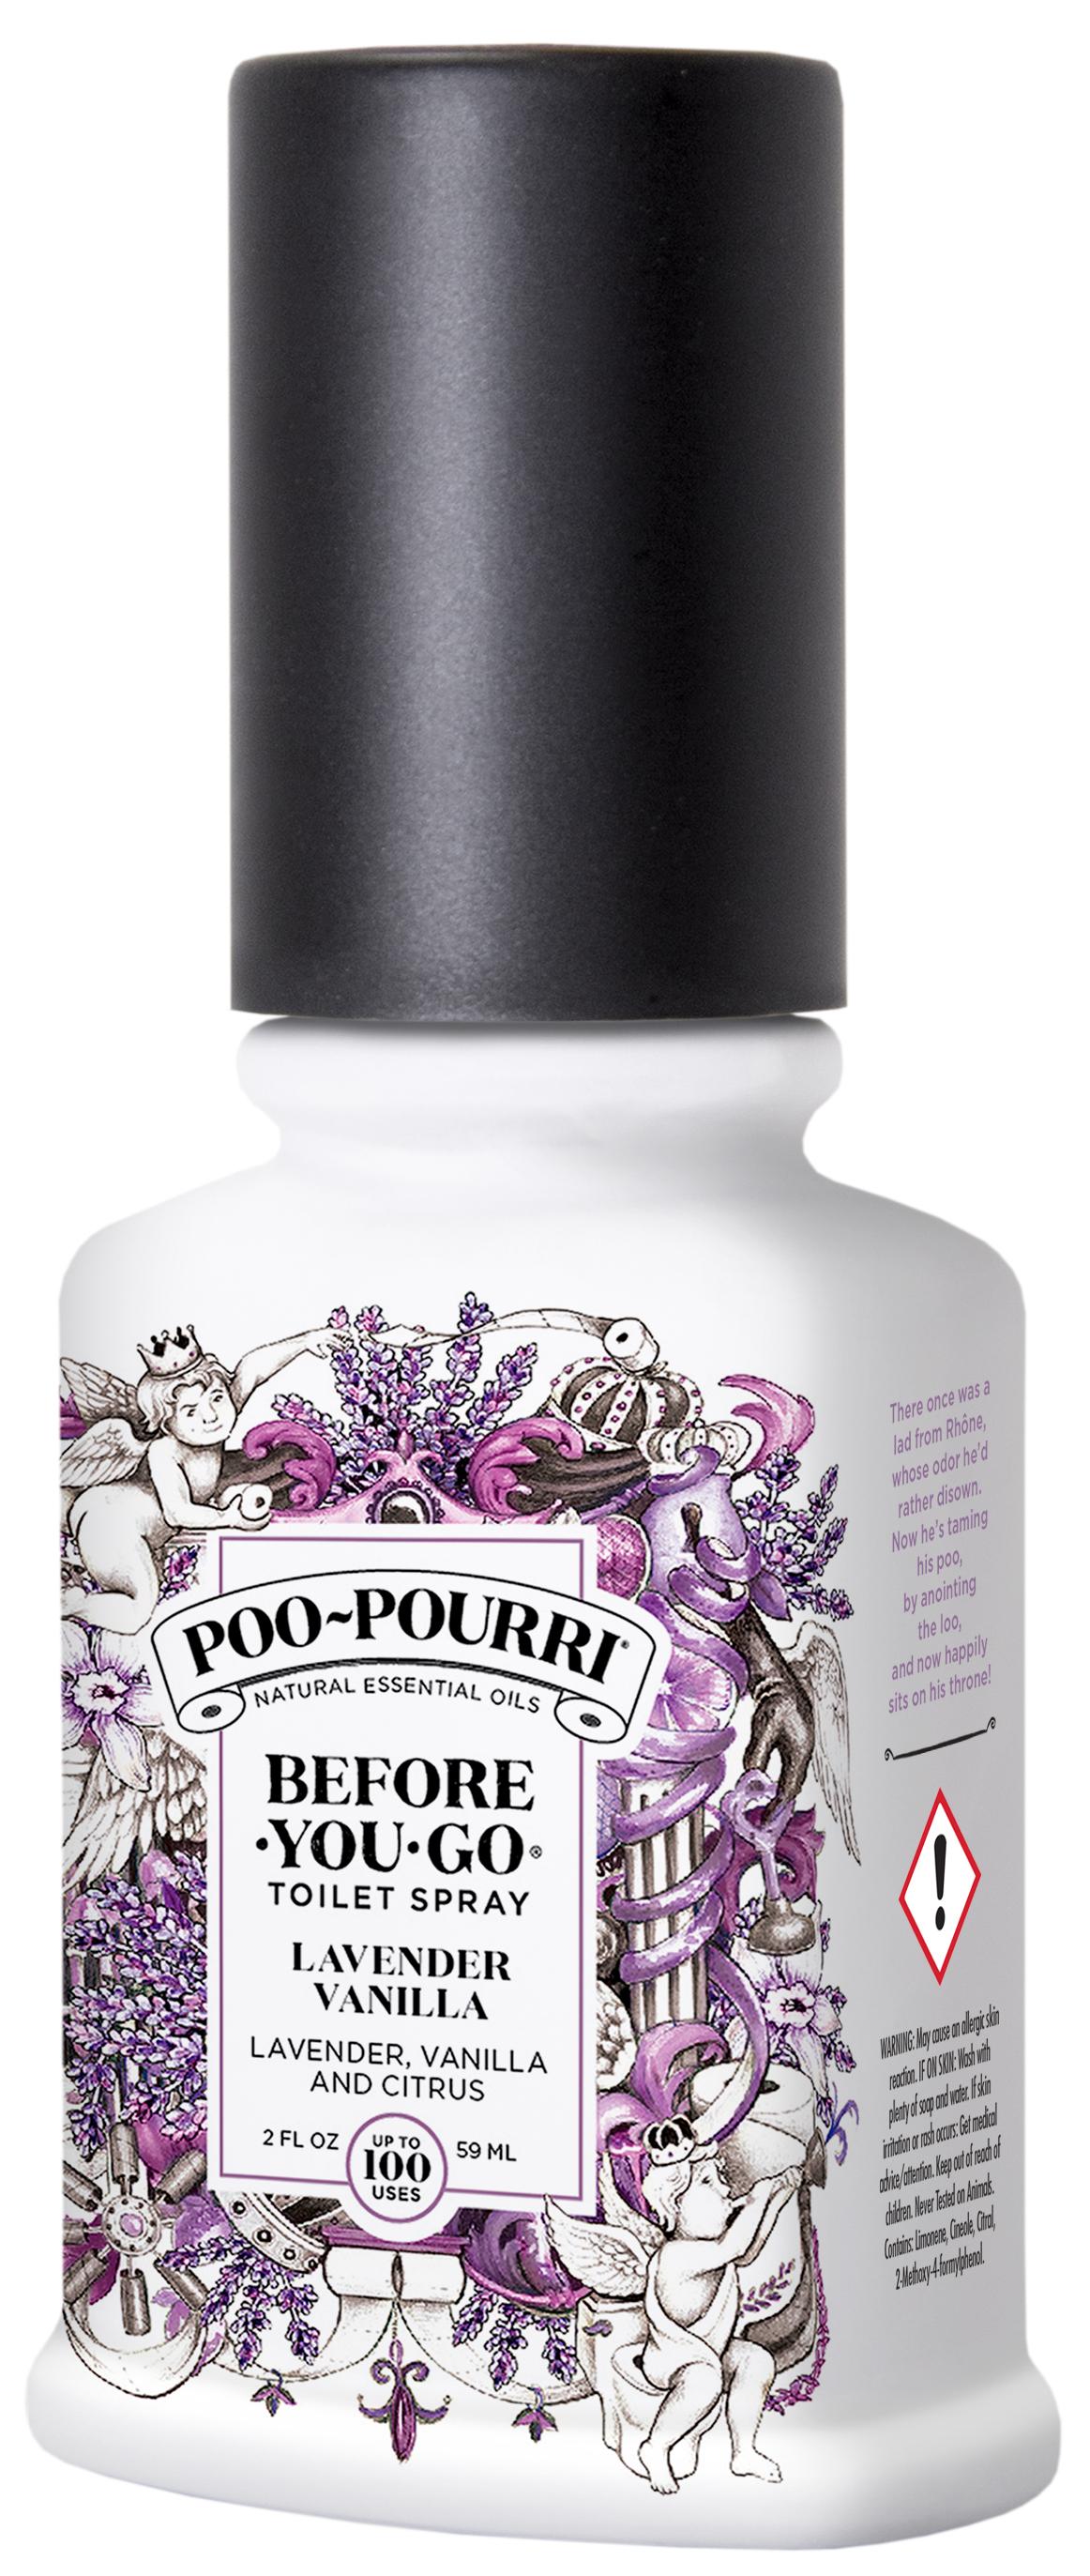 Poo~Pourri - Lavender Vanilla Toilet Spray 59 ml